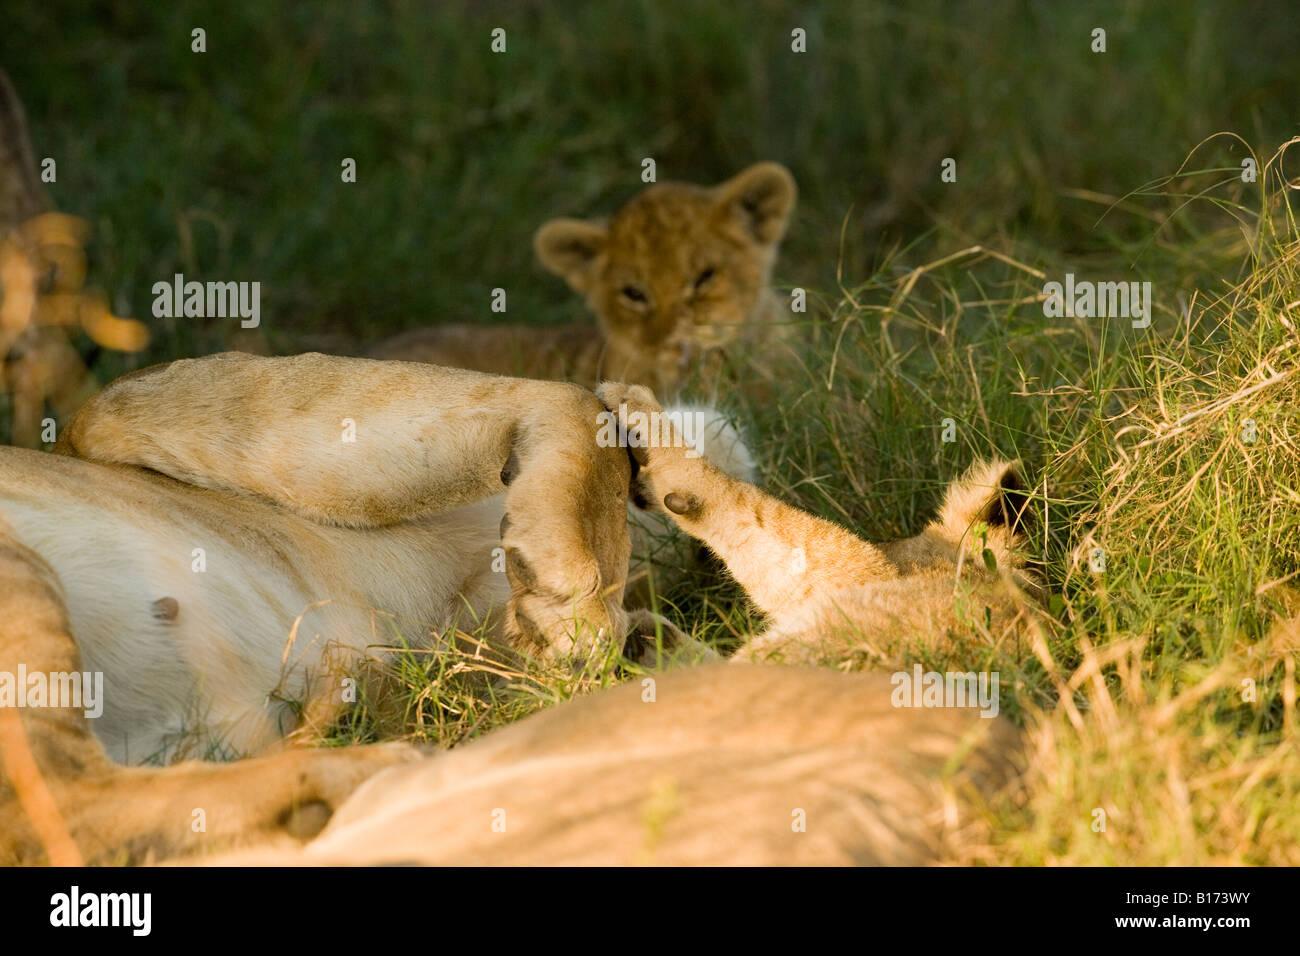 Acercamiento a la madre y al bebé cachorro de león tocar paws dormir acostada en la hierba verde iluminado por el sol caliente, grandes y pequeños paws tocar un fondo suave Moremi Okavango Foto de stock